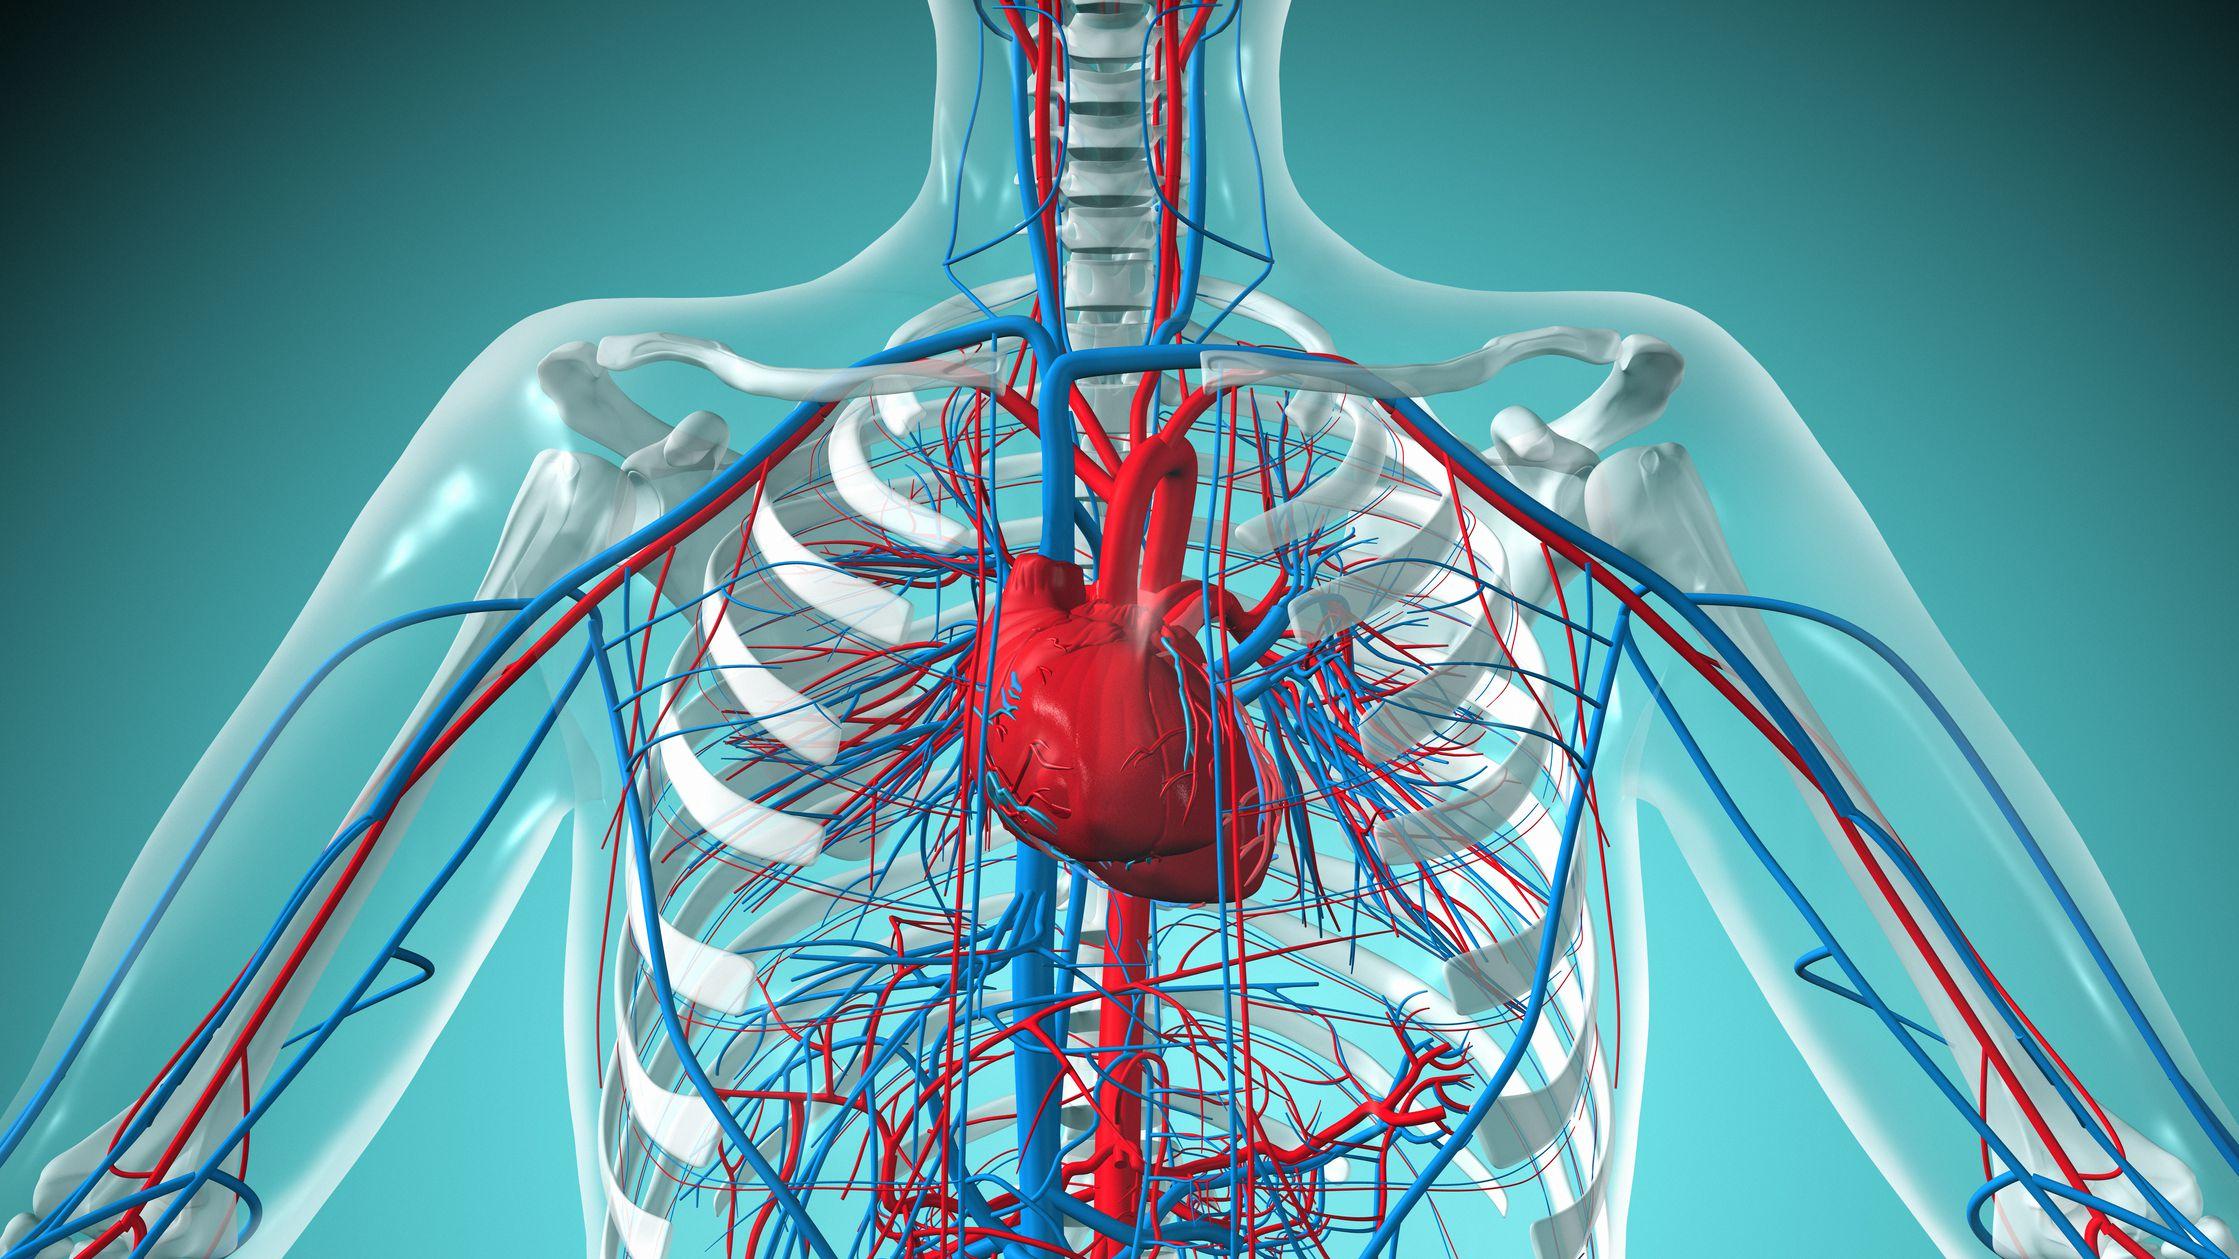 Heathy Cardiovascular System